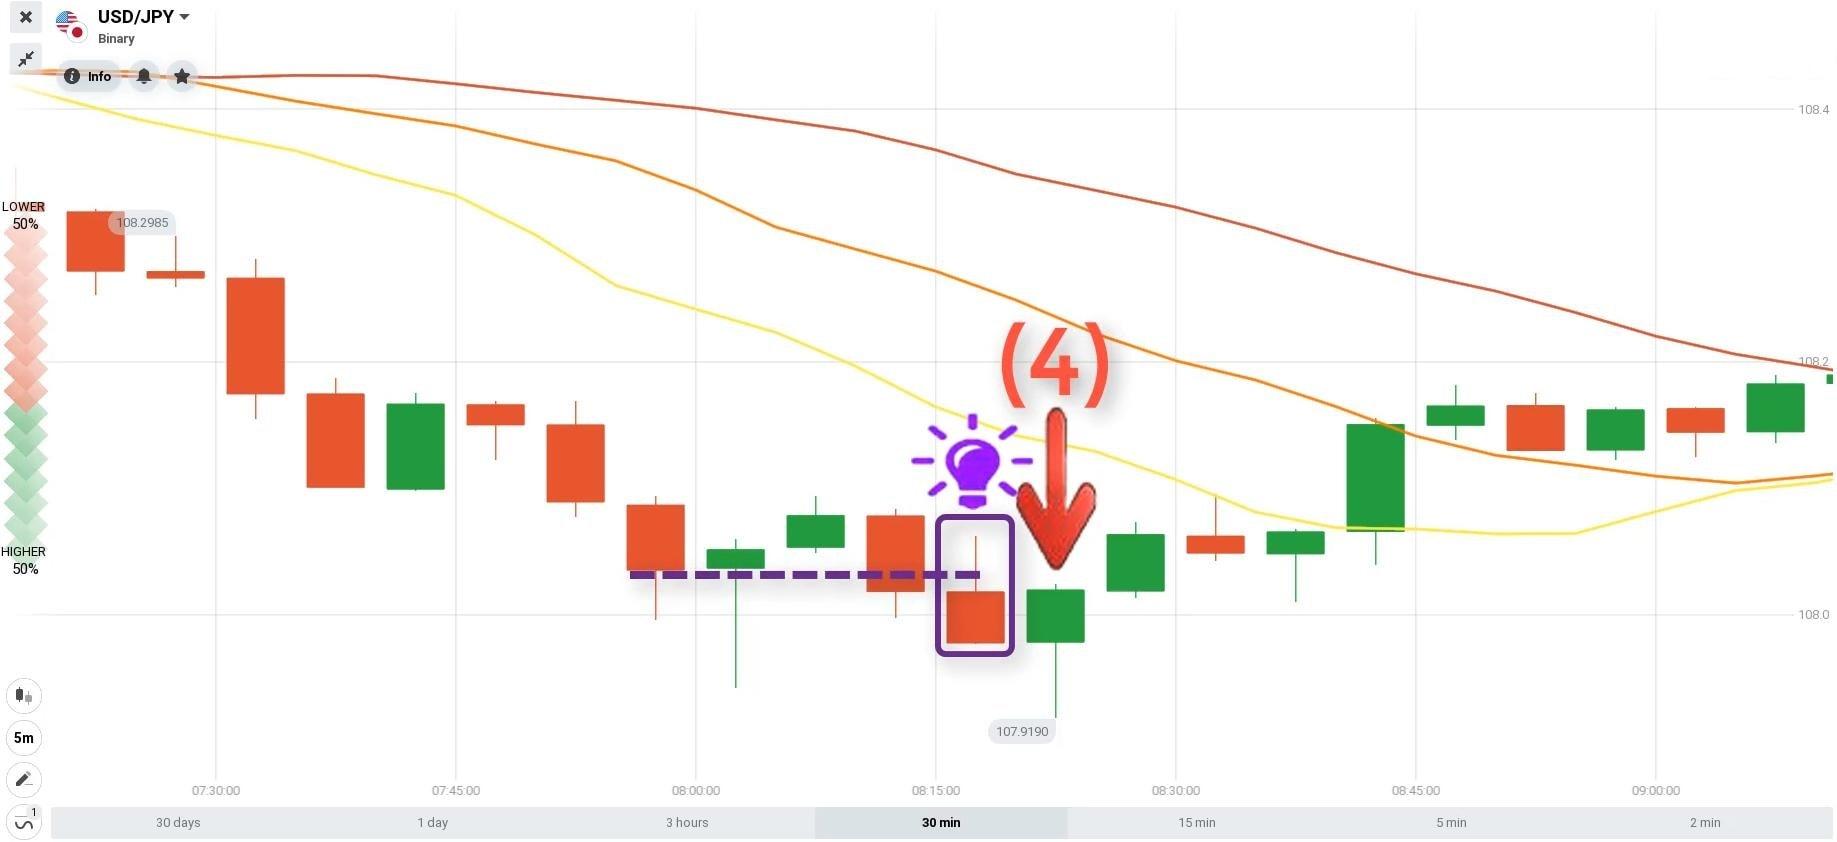 Điểm lệnh giao dịch tài chính cặp tiền USD/JPY ngày 09.06